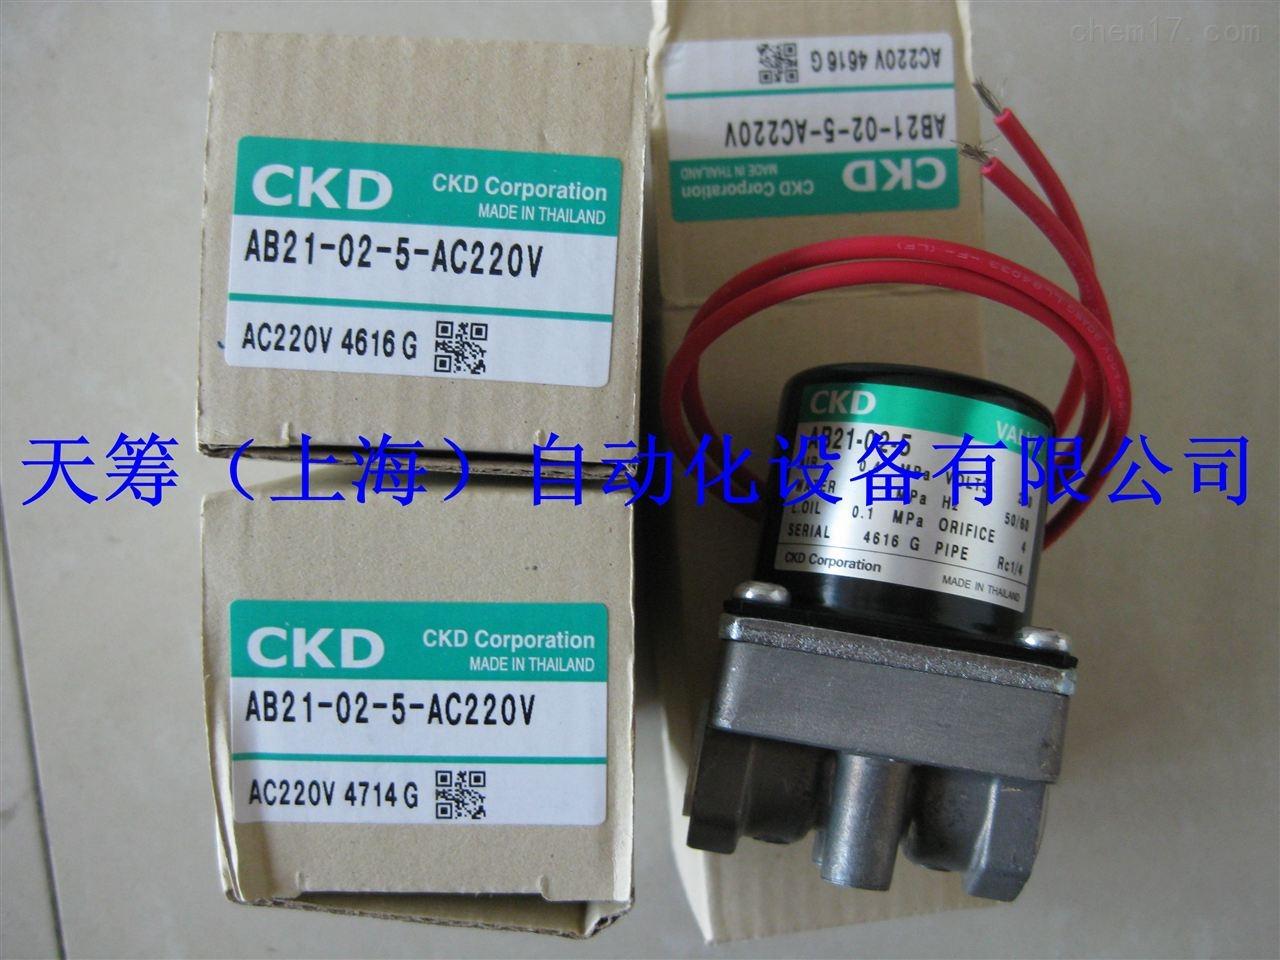 CKD流体阀AB21-02-5-AC220V